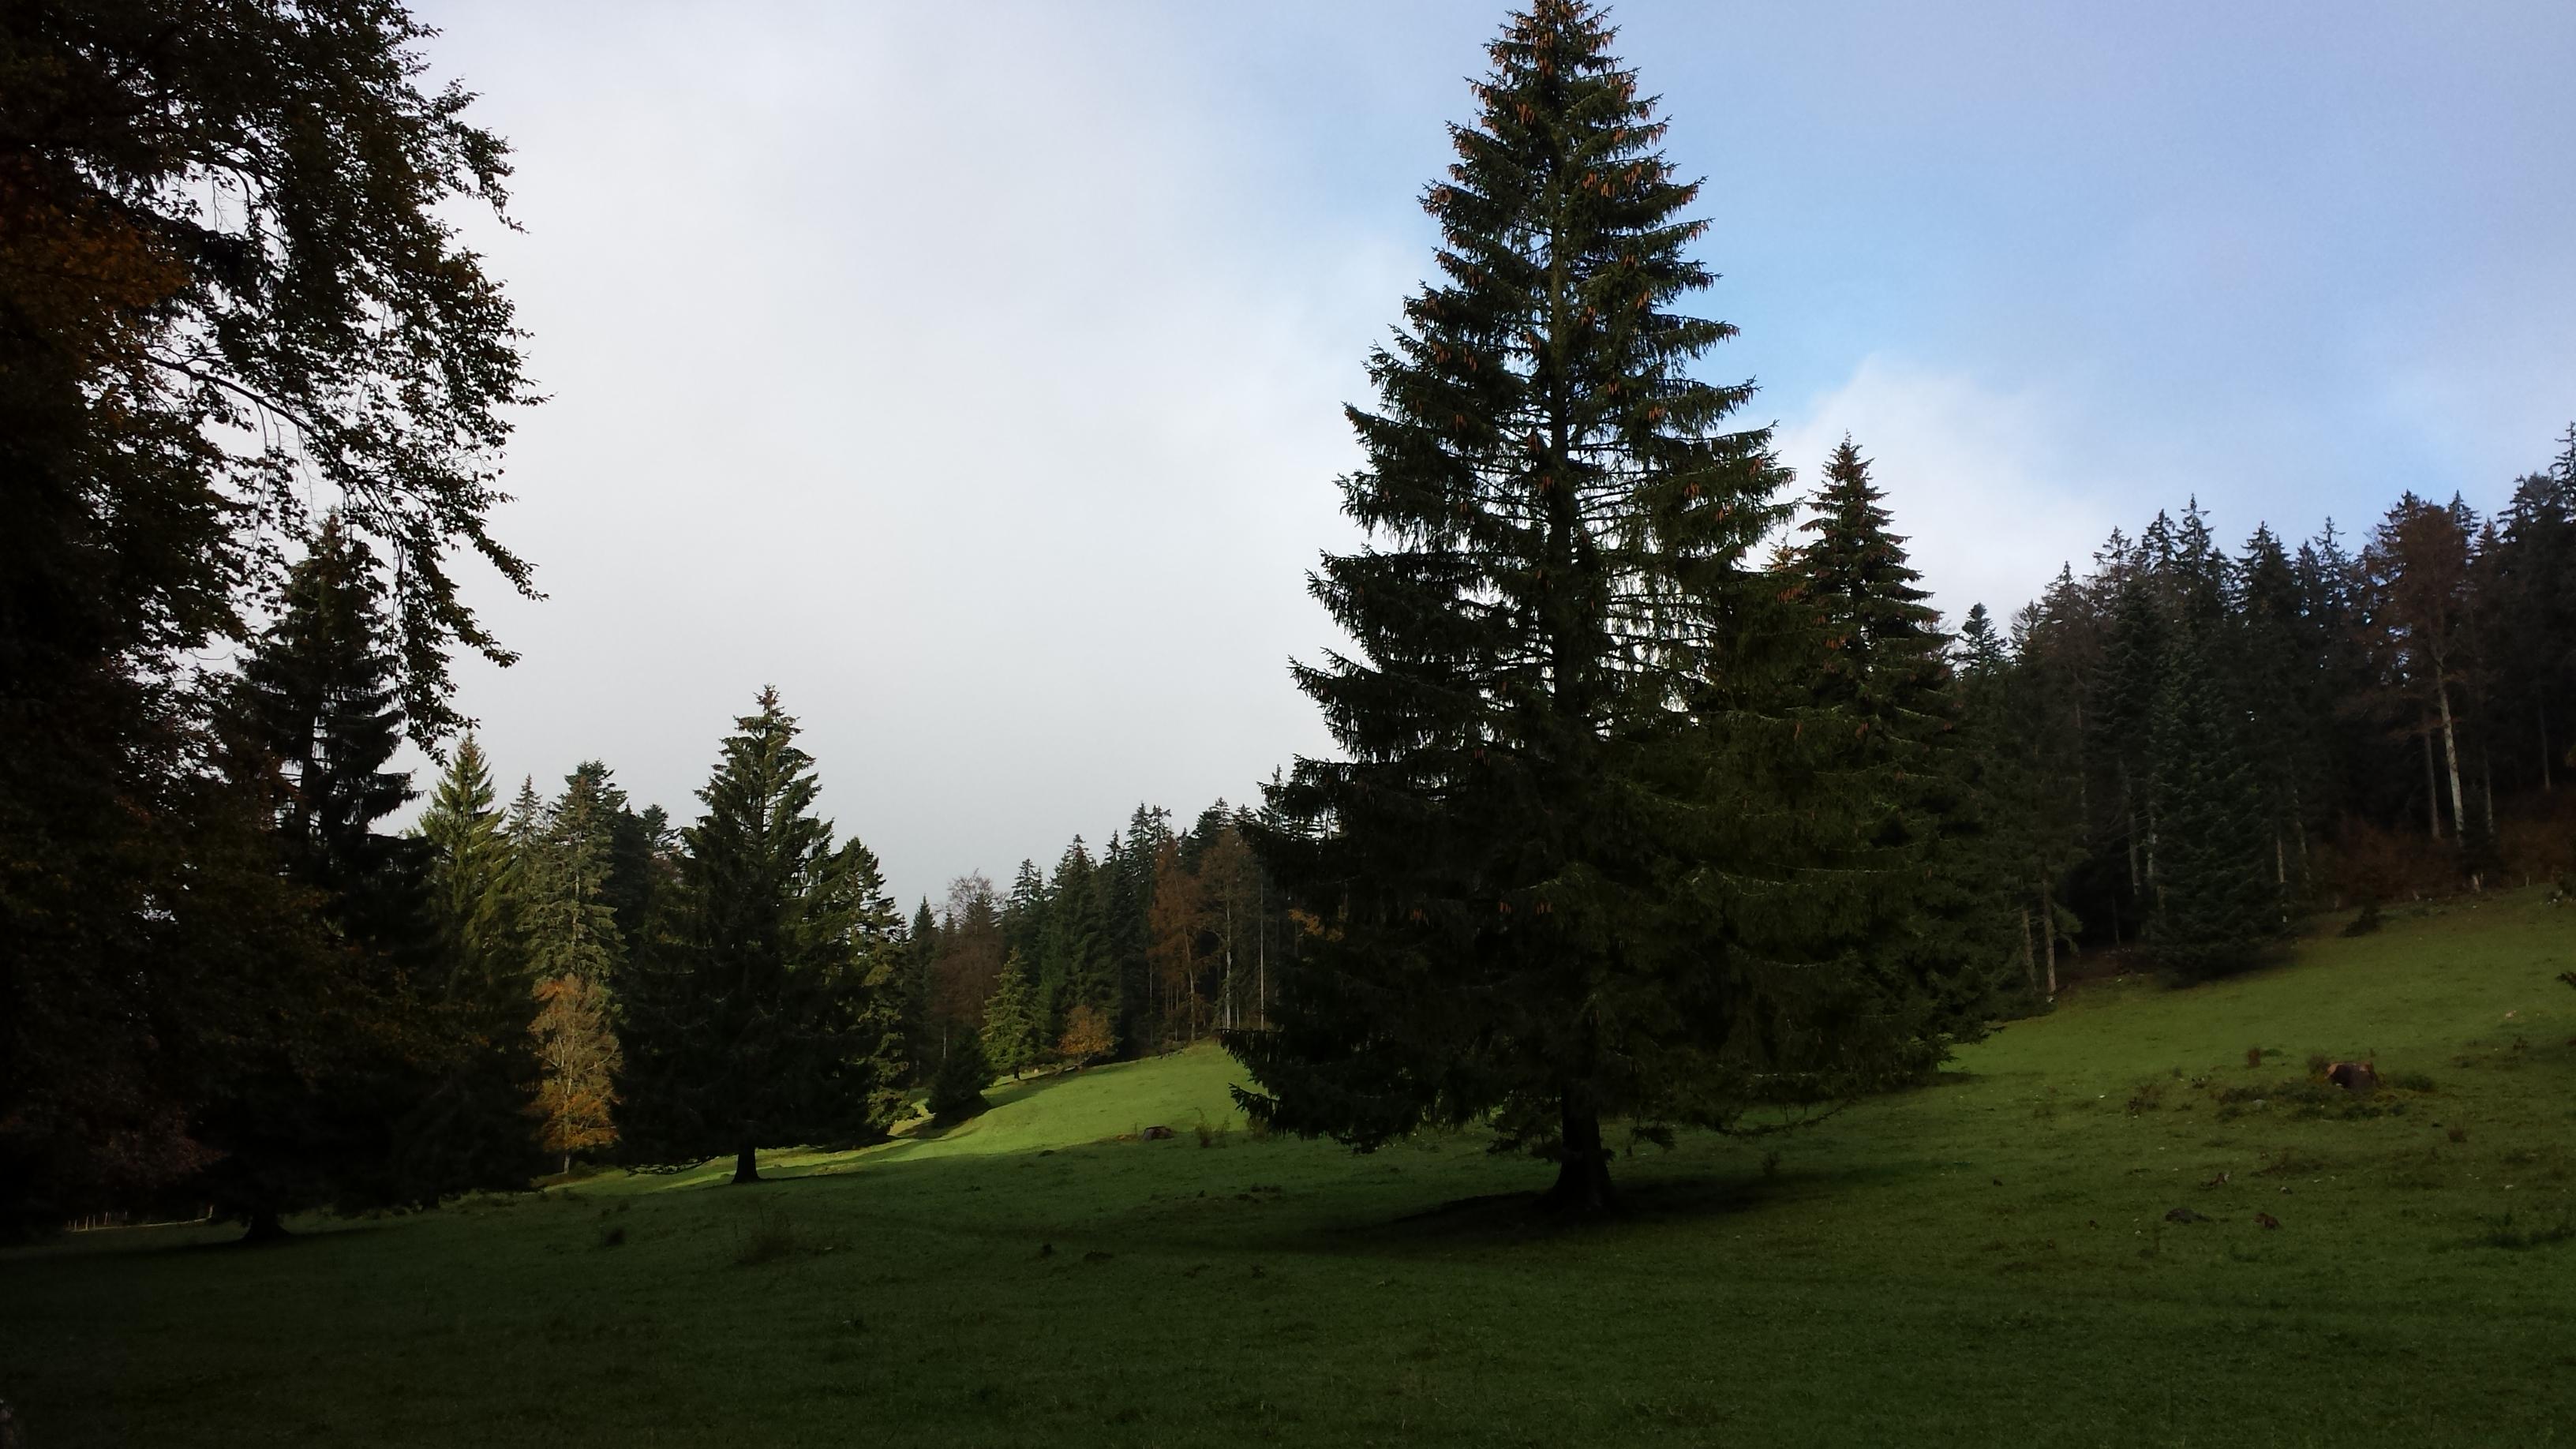 La noblesse des vieux arbres